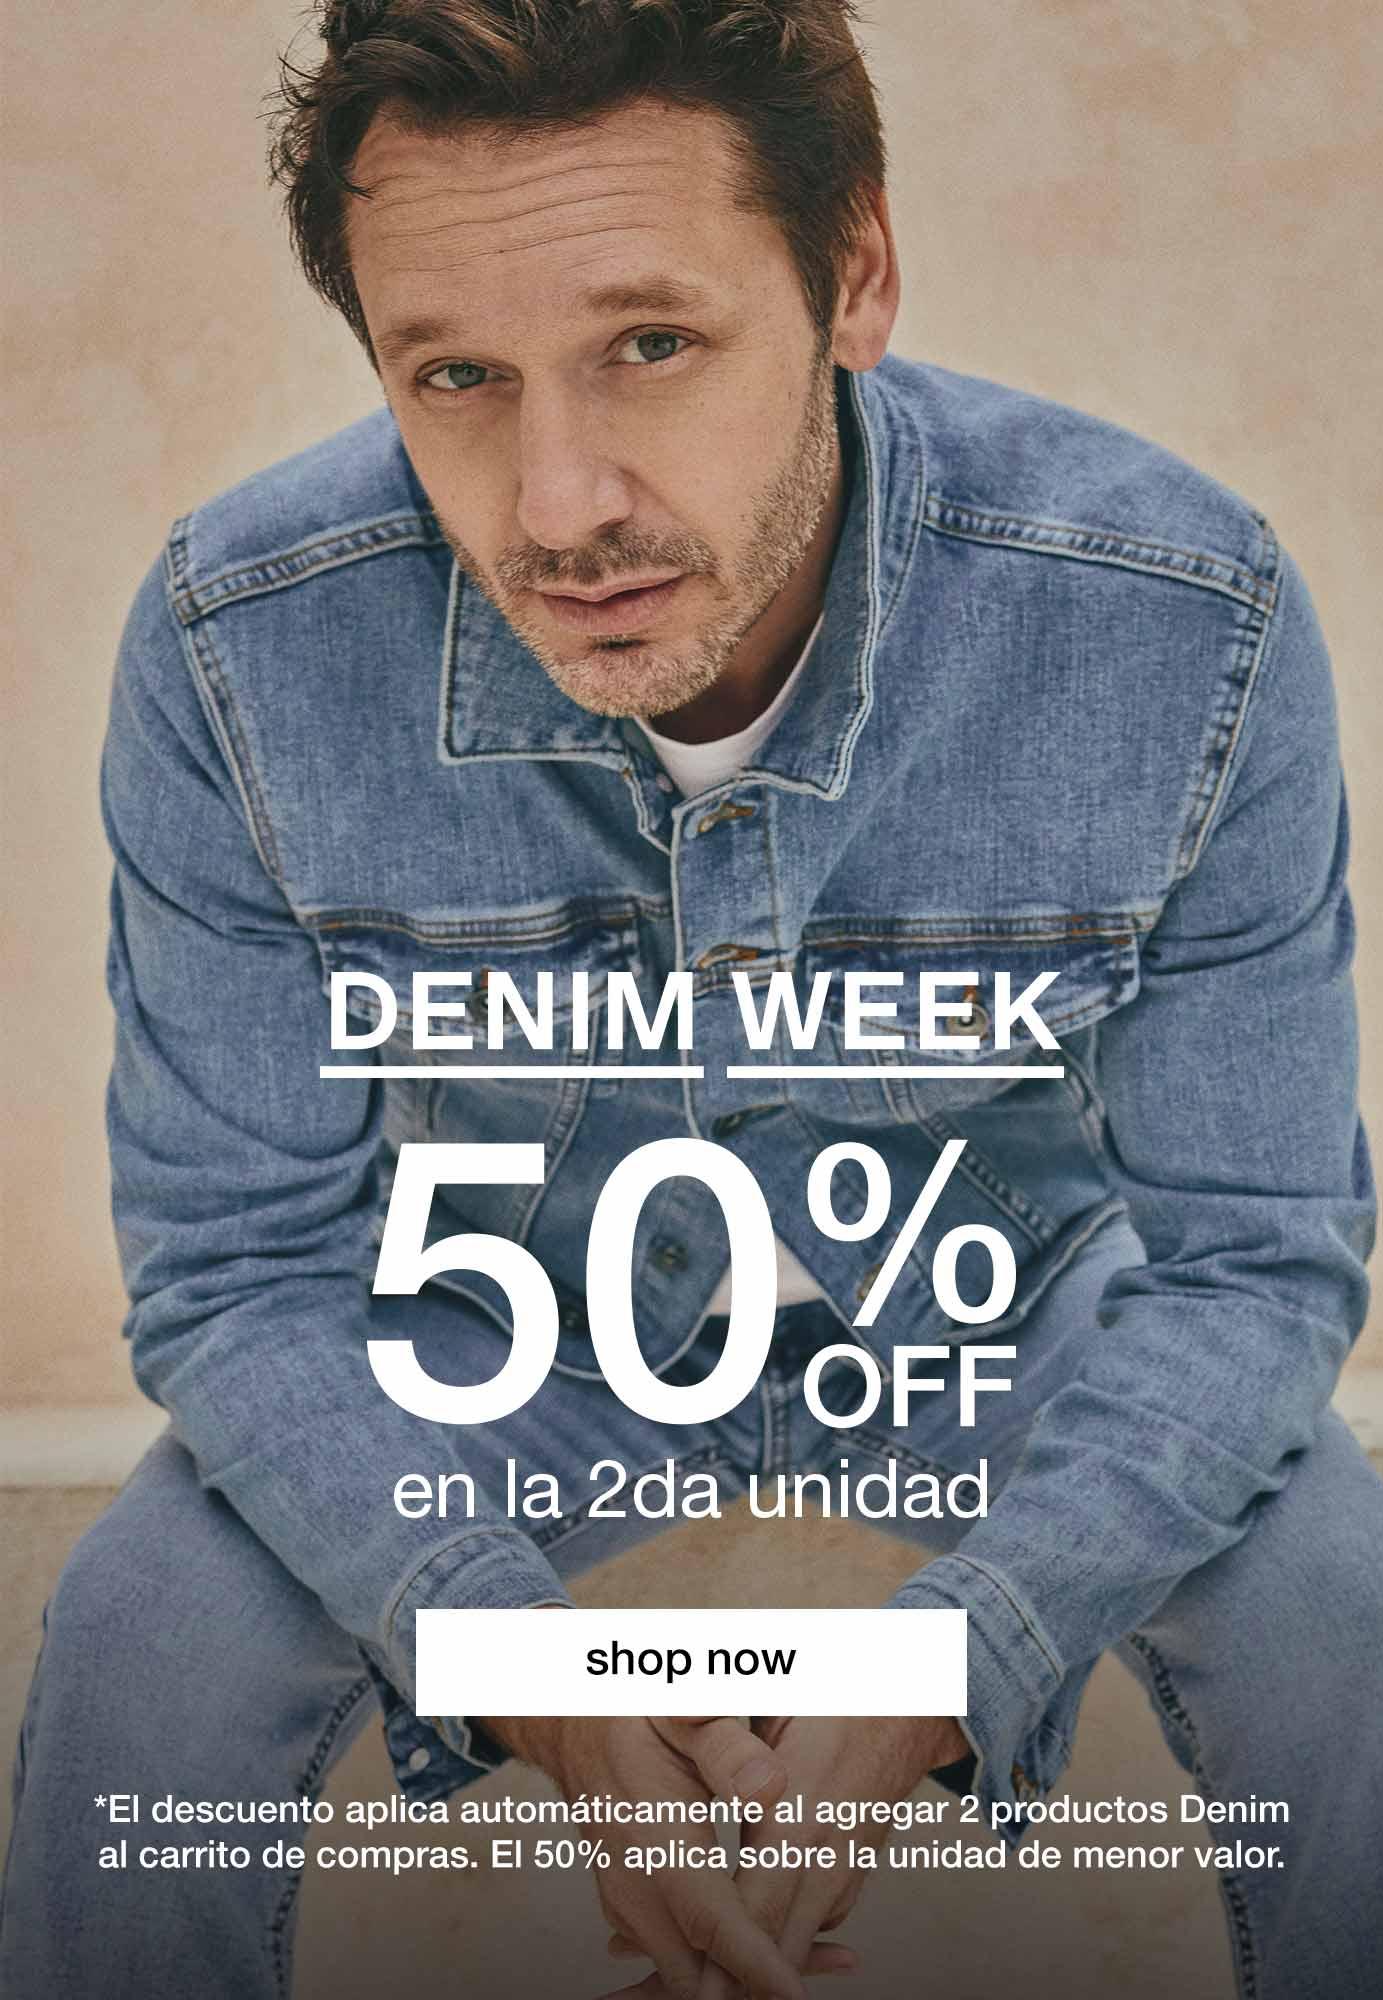 Denim Week